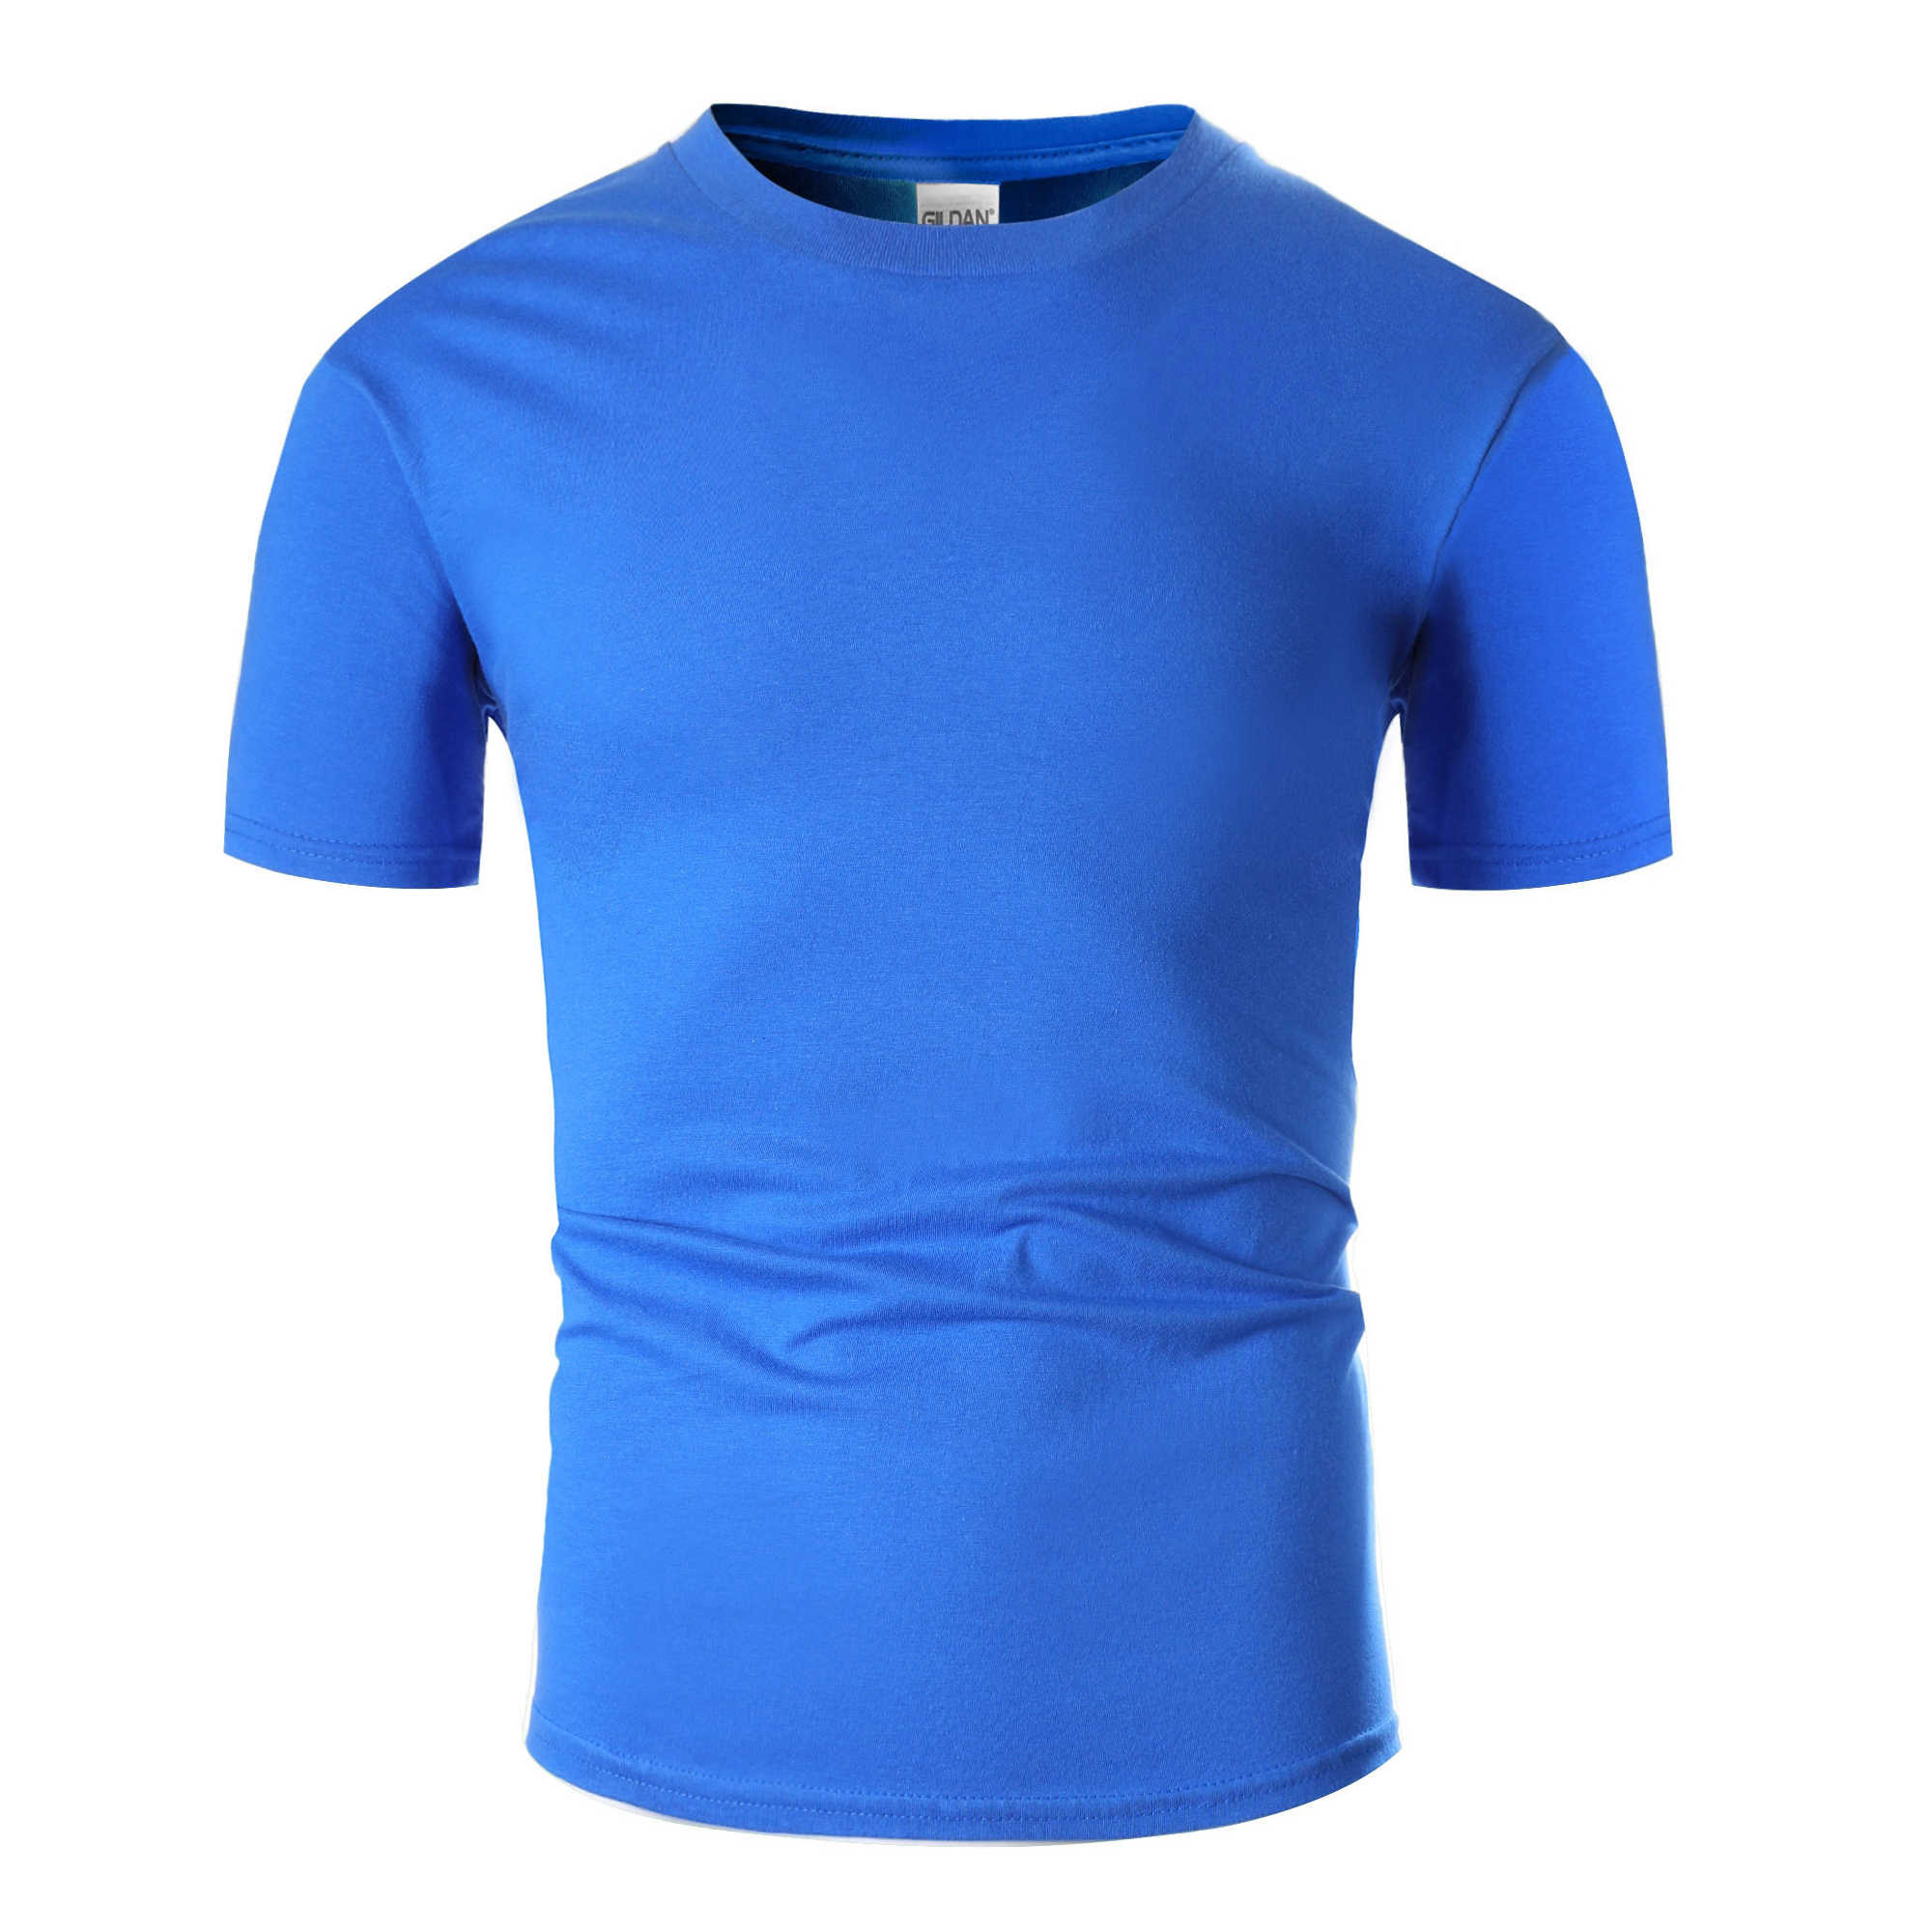 Мужские футболки Beetlejuice, Тим Бертон Китон Майкл Жуткий Ужас, хлопковая одежда с коротким рукавом, футболка, подарок на день рождения, футболки